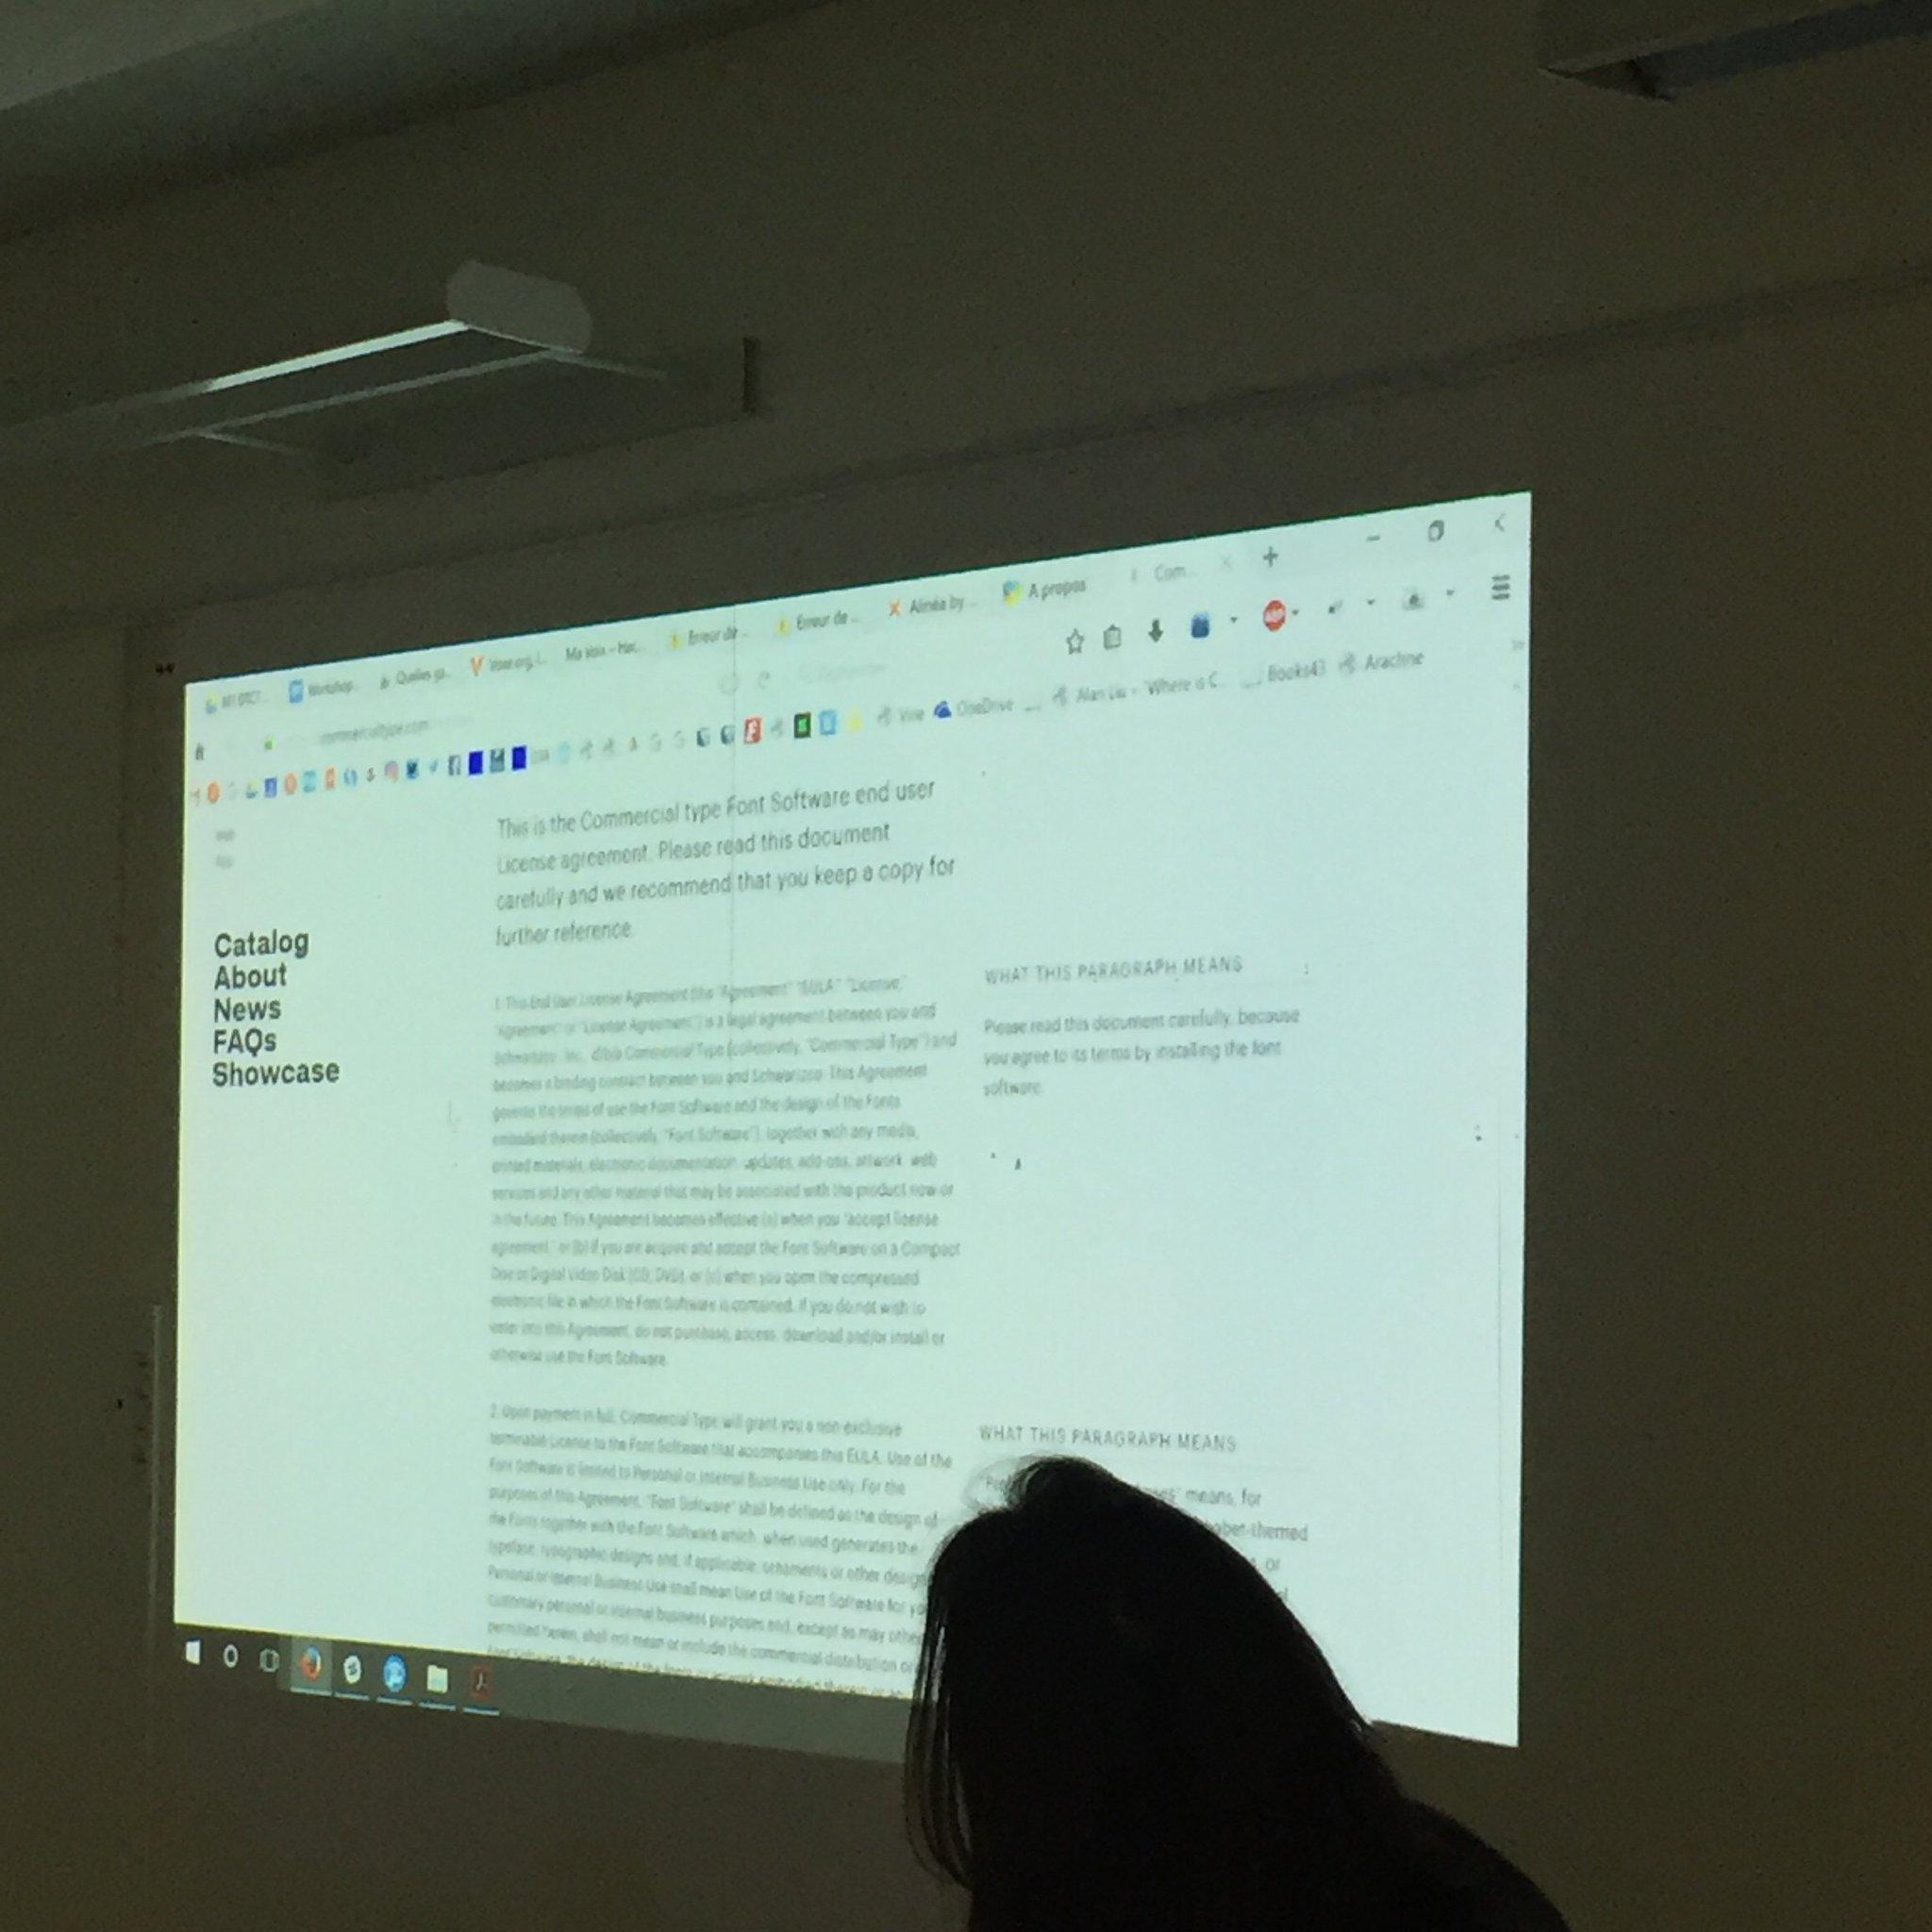 """Ex. intéressant de """"marge pédagogique"""" avec les #EULA de @commercialtype  /v @fadebiaye #DesignJustice https://t.co/FcC2QvqvHE"""